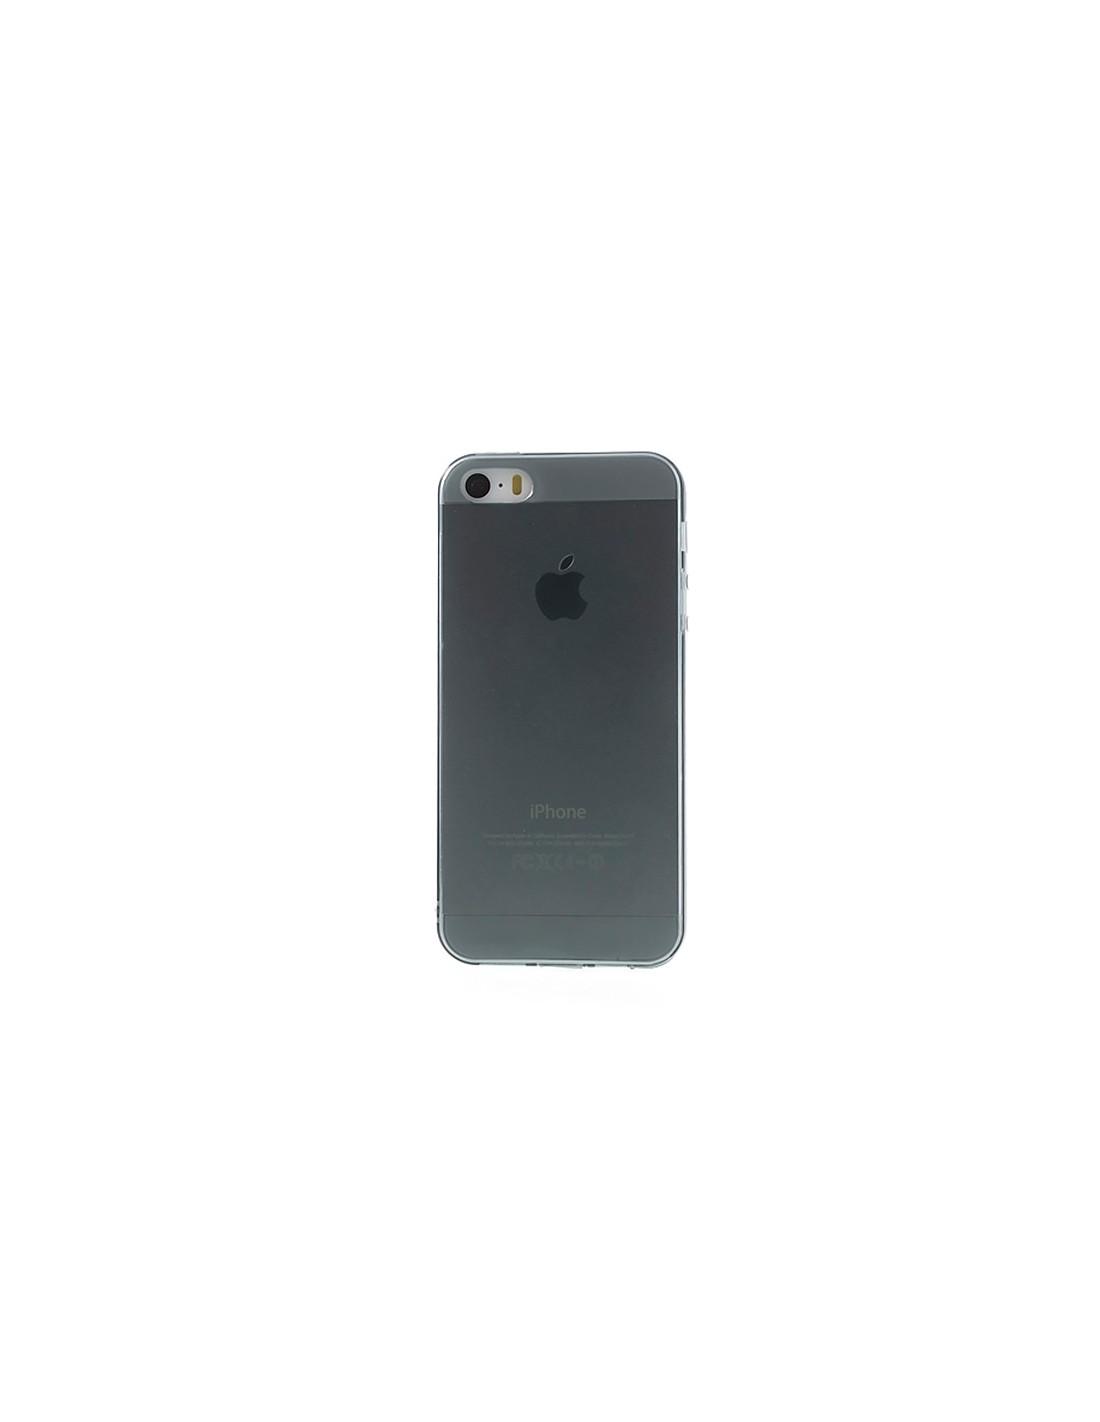 coque transparente en silicone pour iphone 5 5s et se. Black Bedroom Furniture Sets. Home Design Ideas